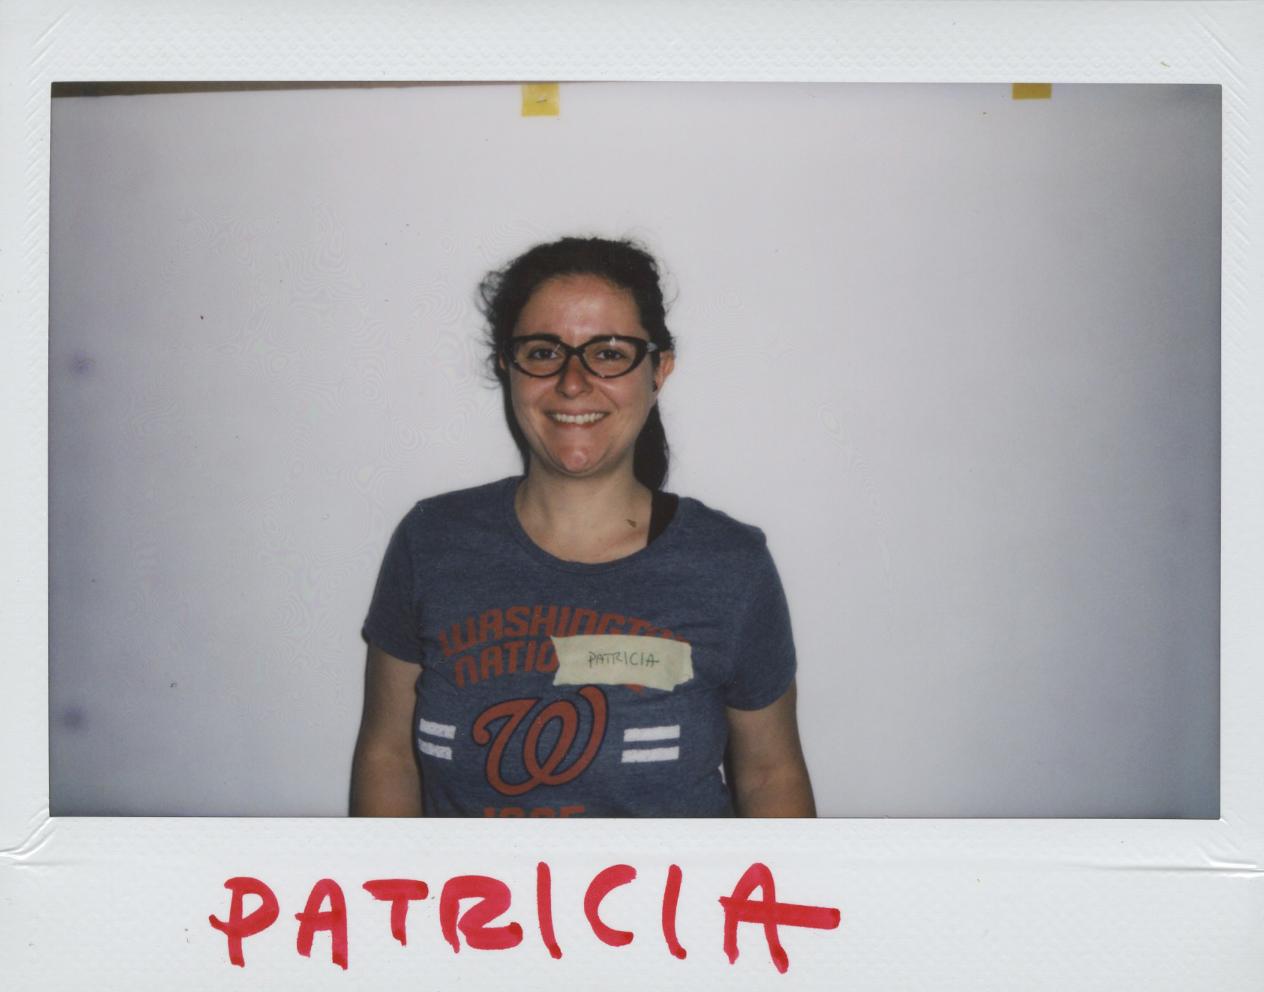 PATRICIA_PWE-RS.jpg